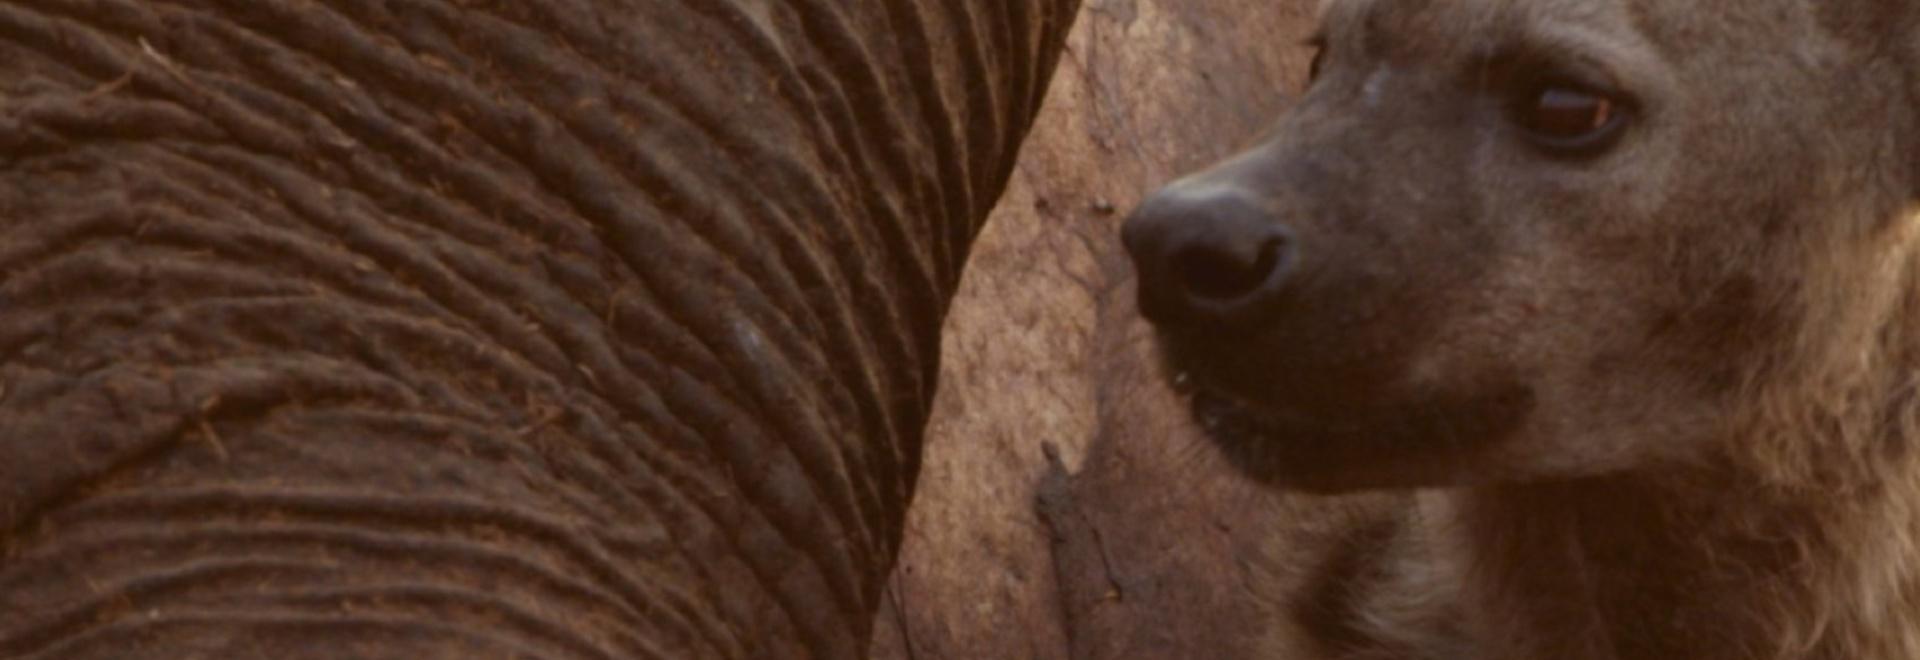 Gli animali più pericolosi: Botswana